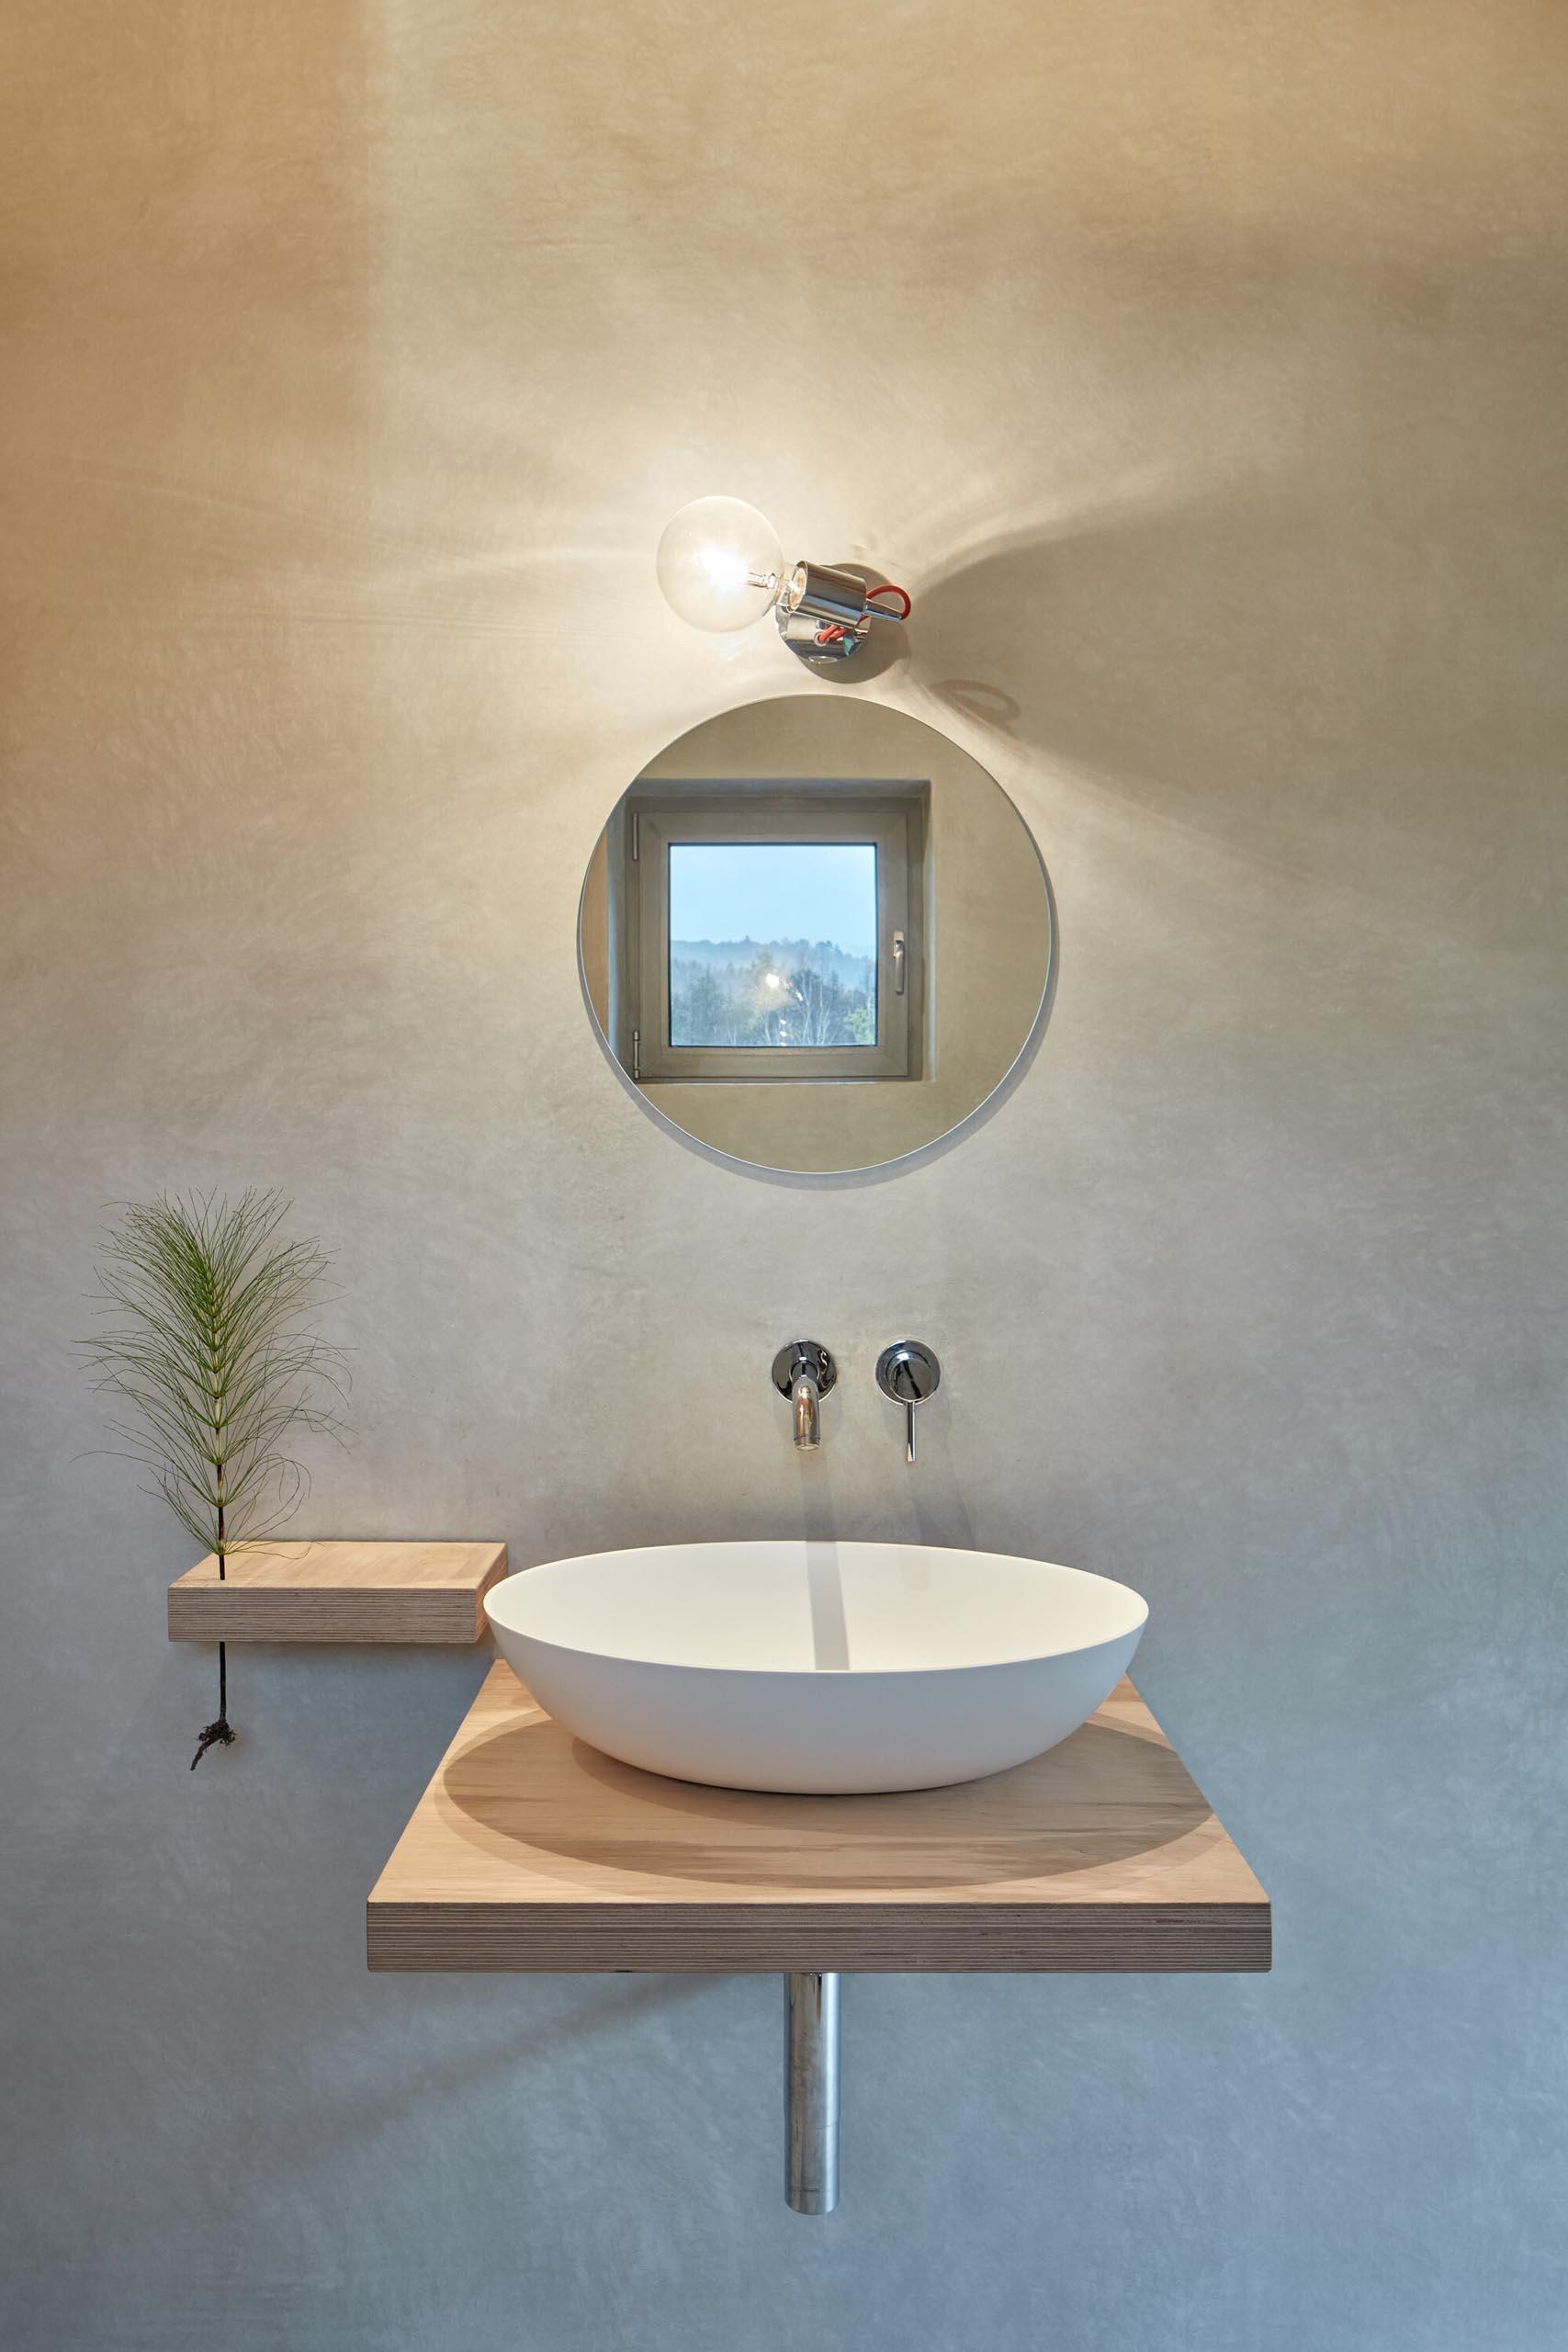 A minimalist wood bathroom vanity.